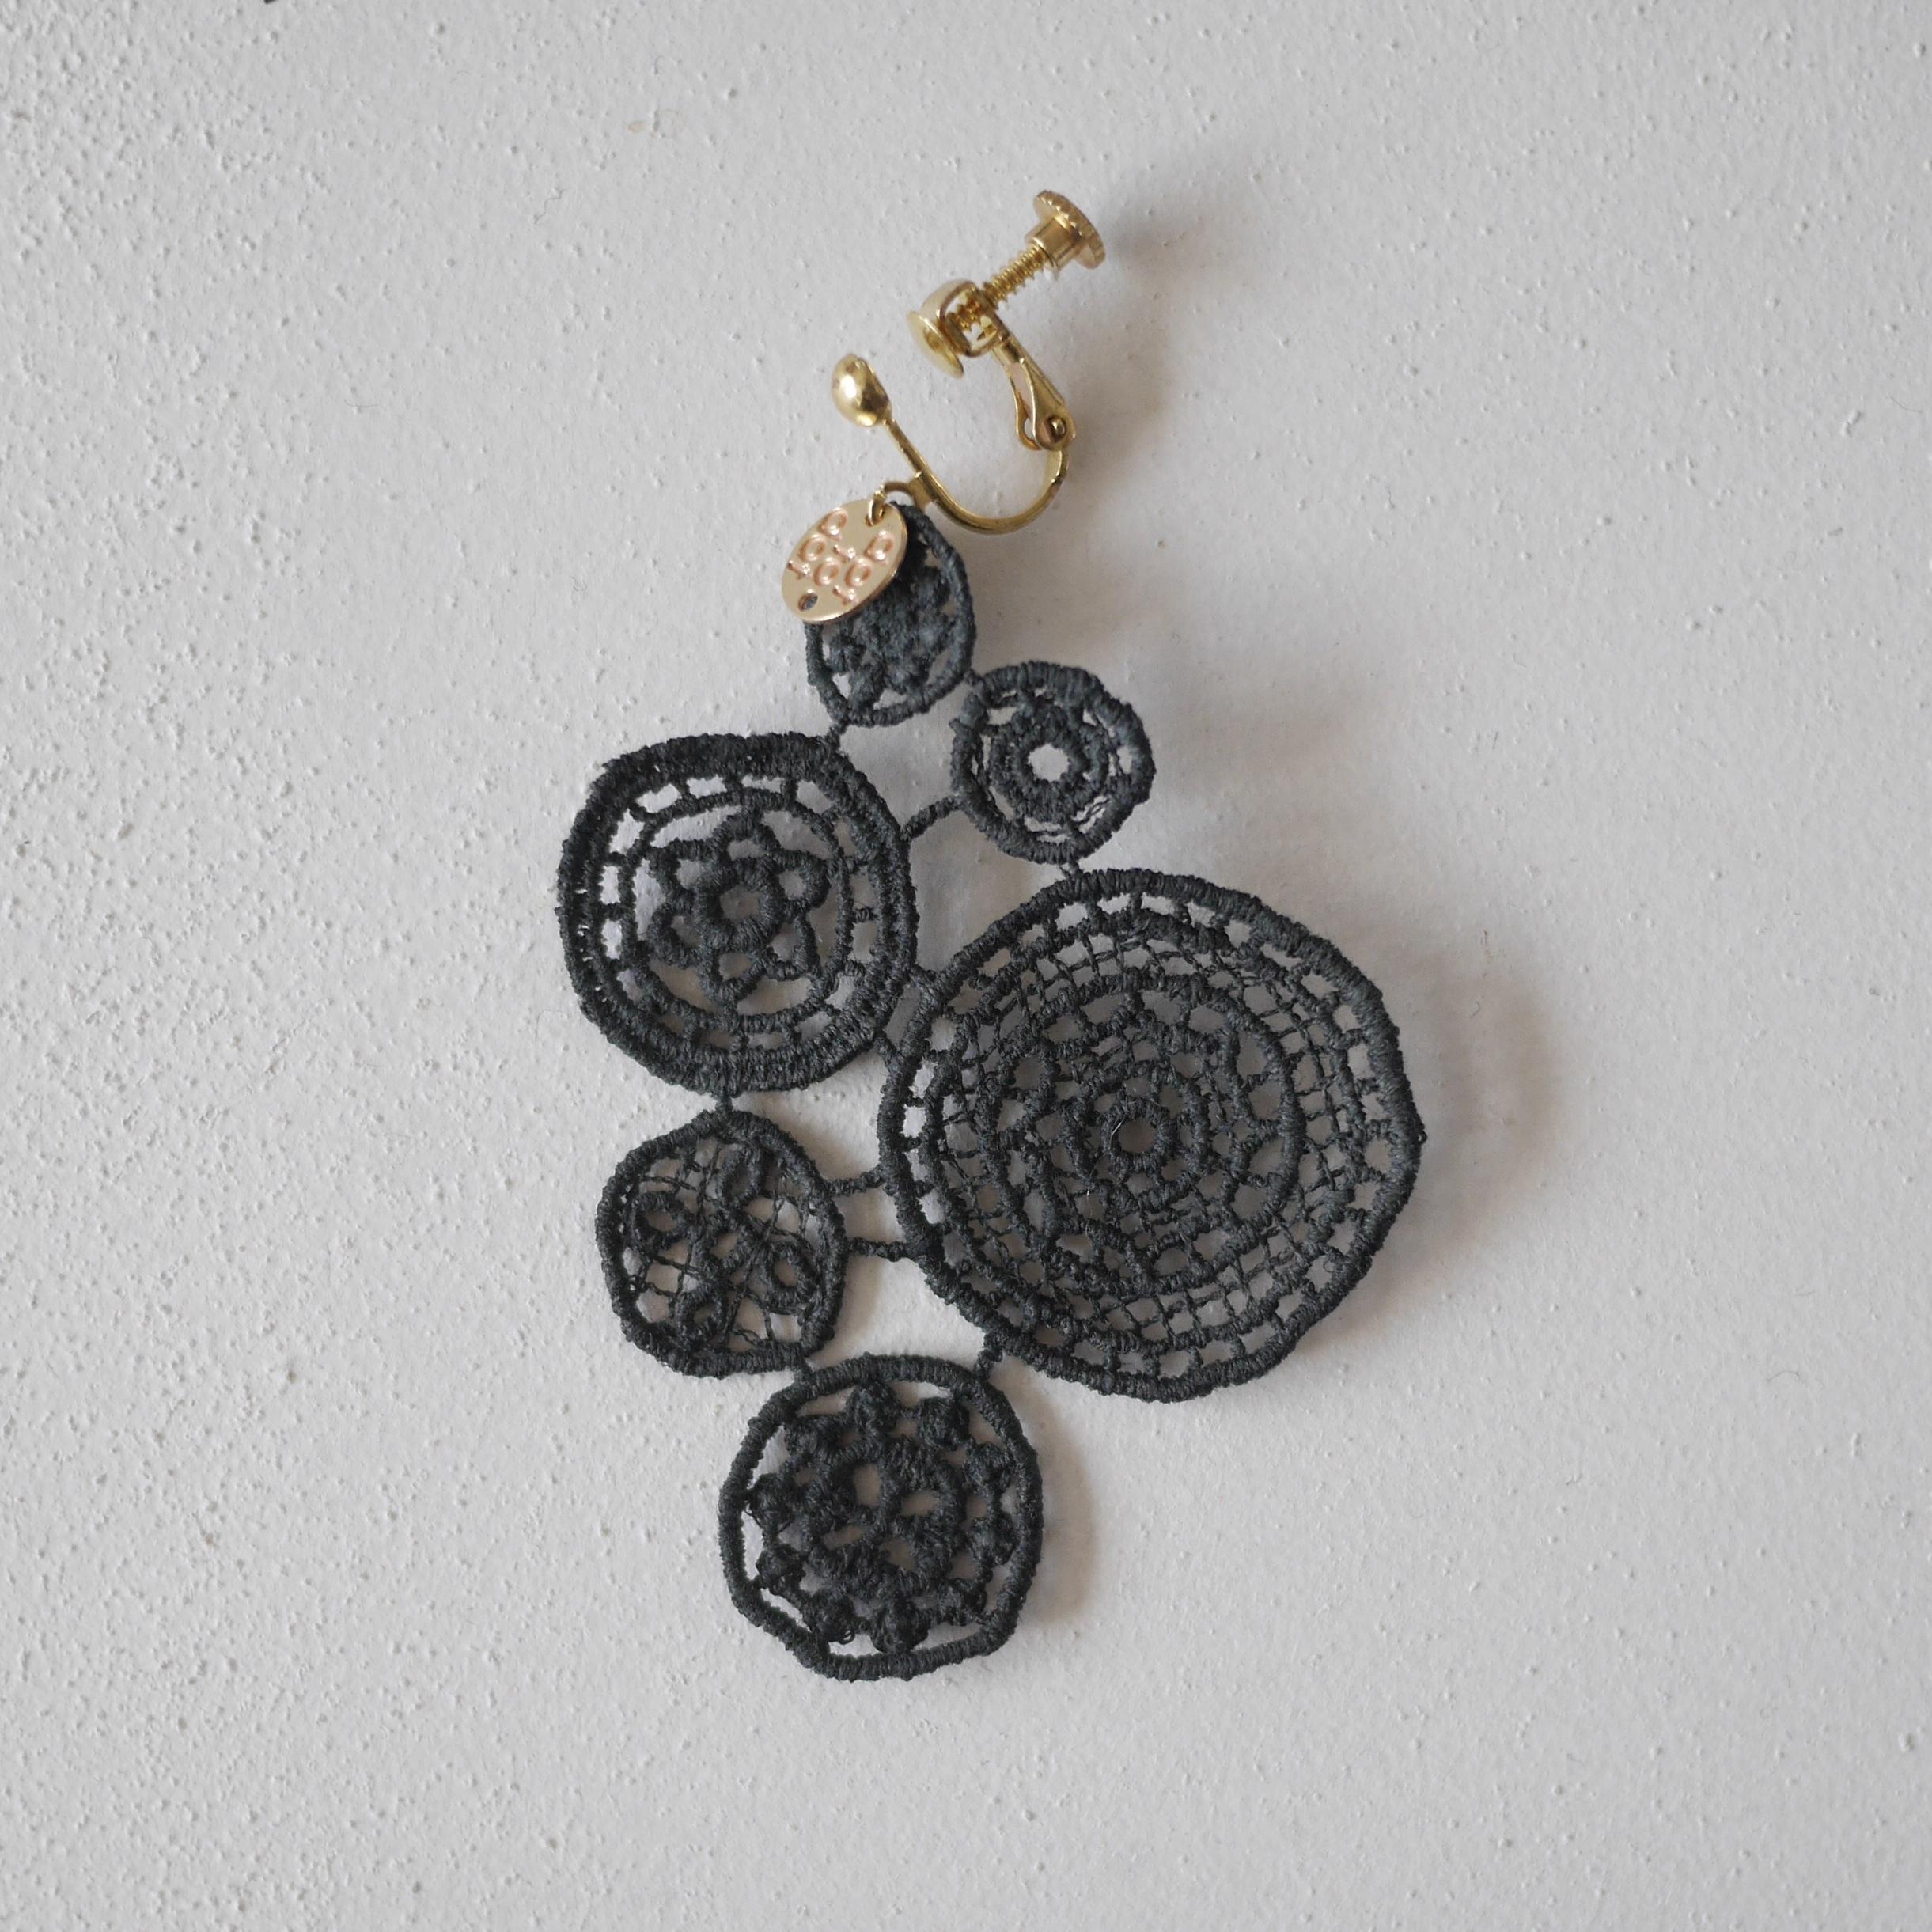 【片耳用】lace earring チャコールグレー